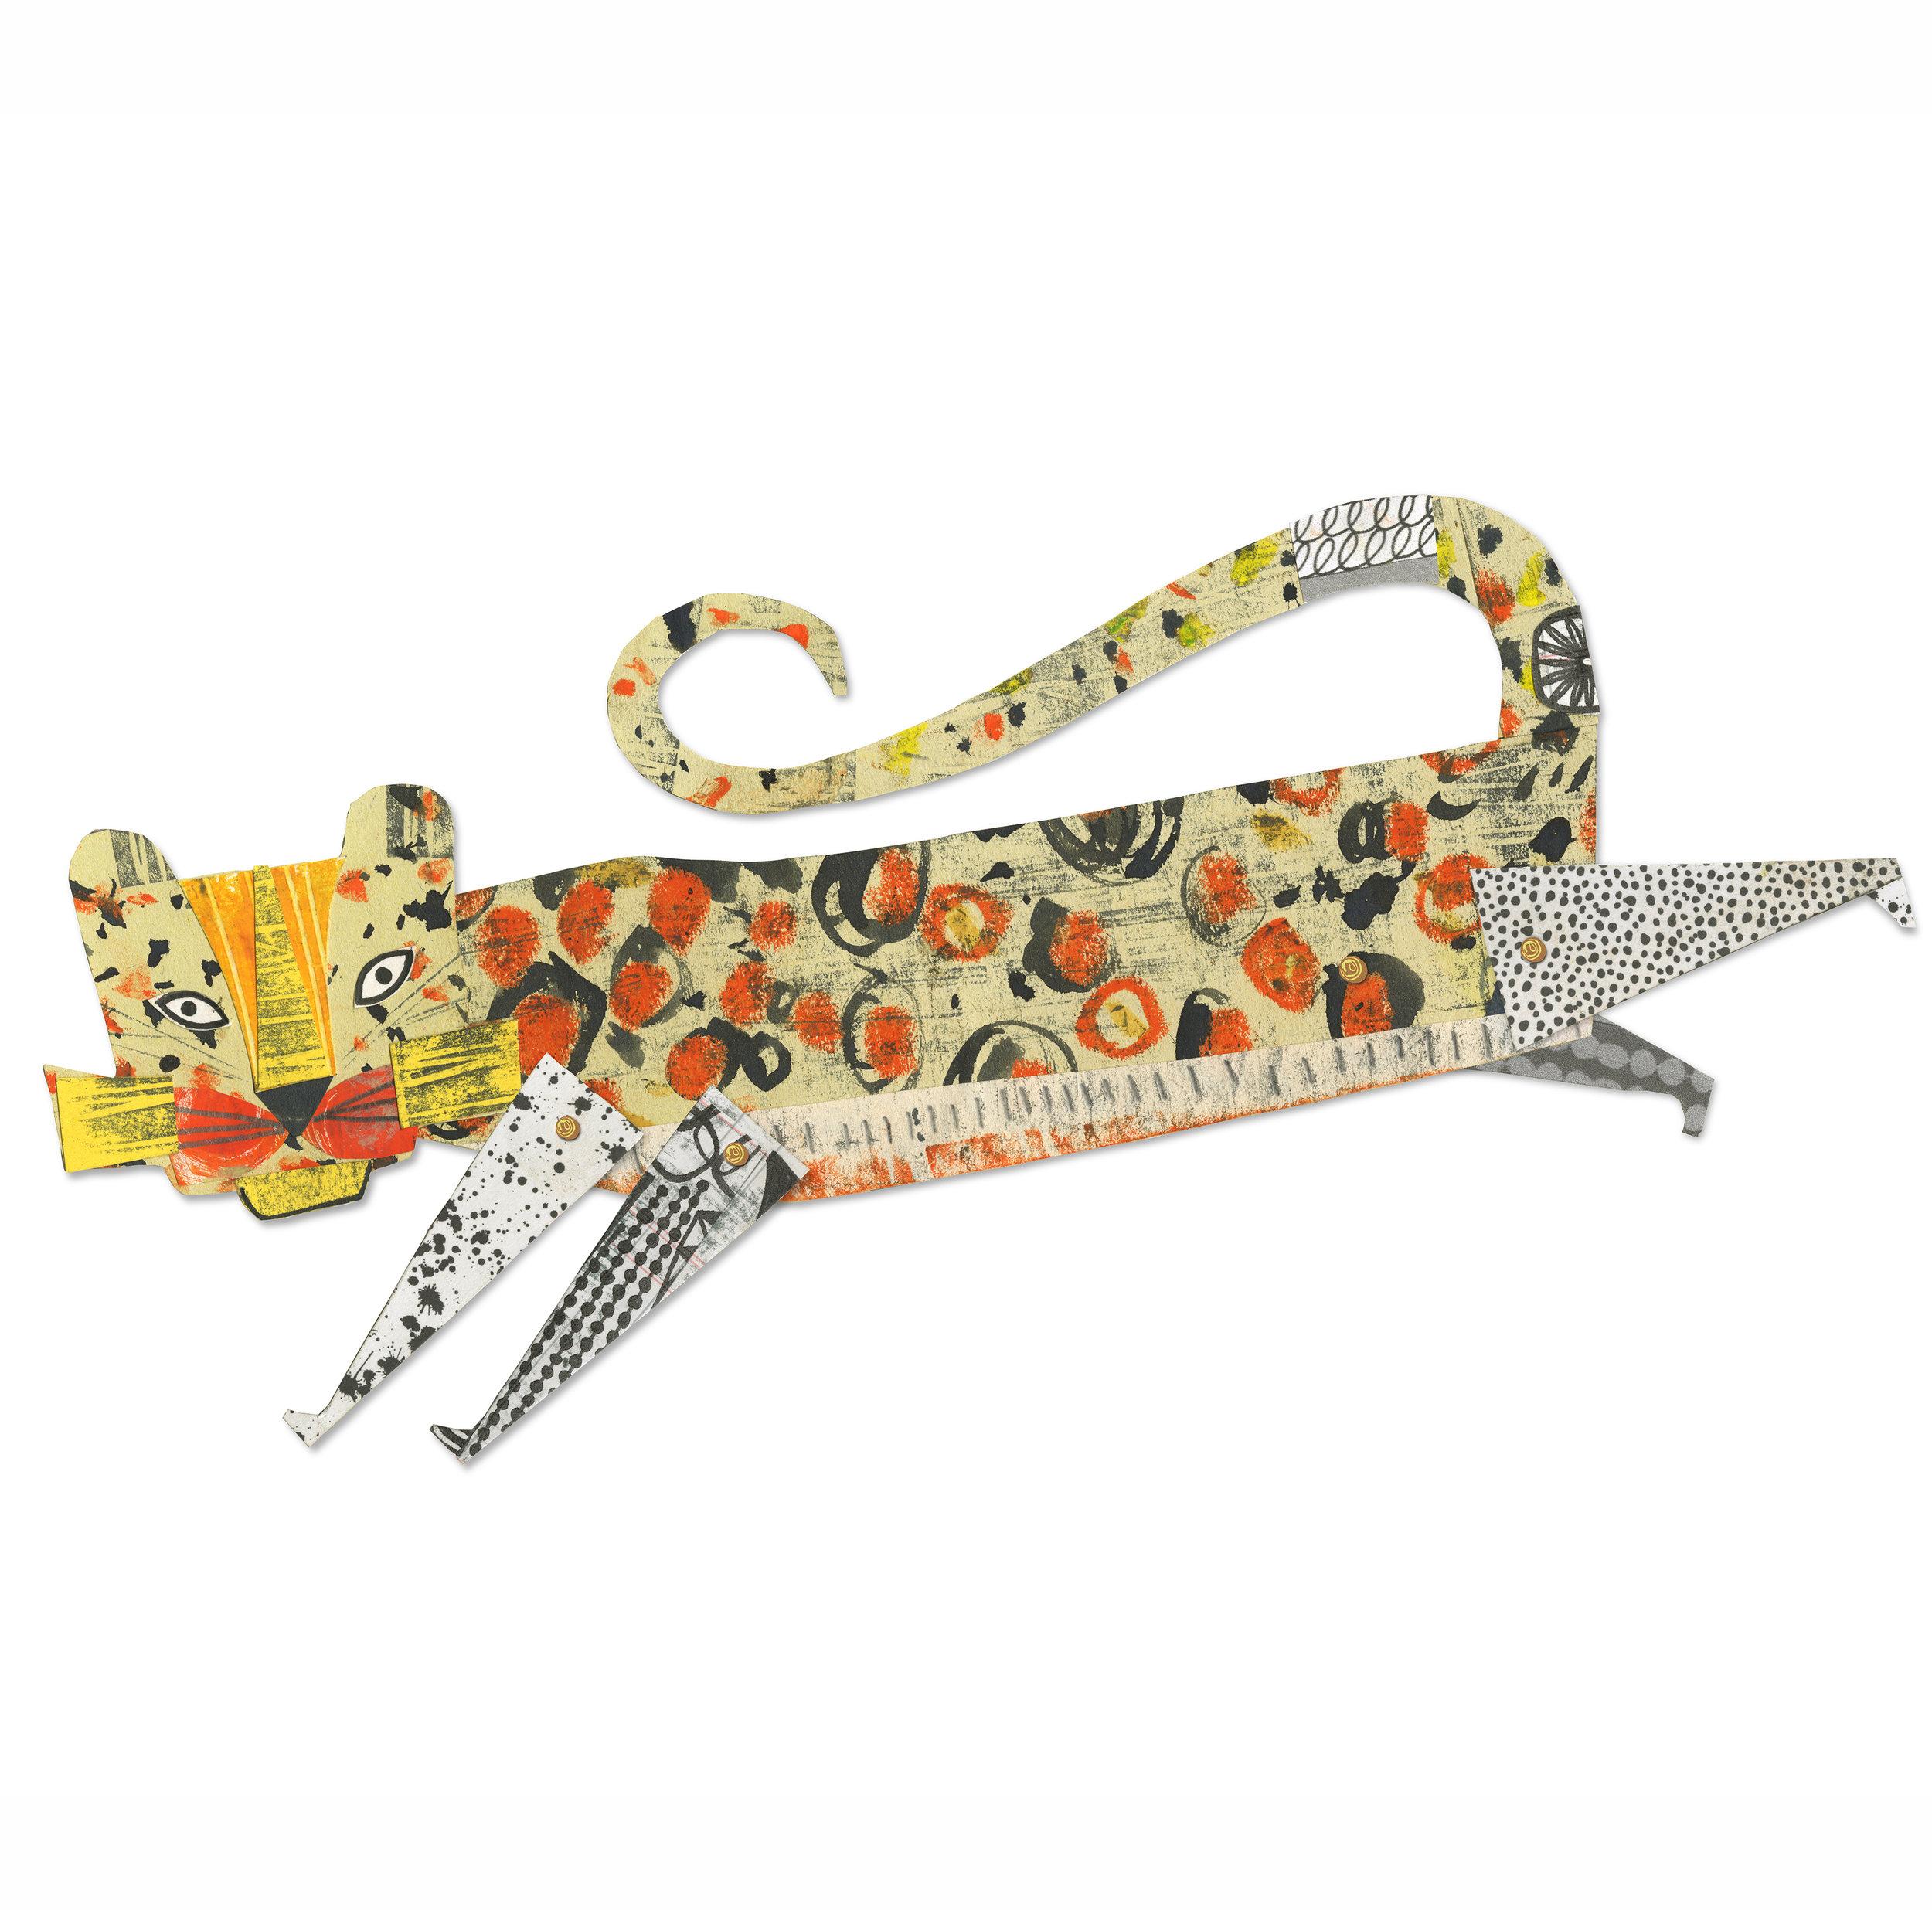 cheetah   from forthcoming  animal parade  book